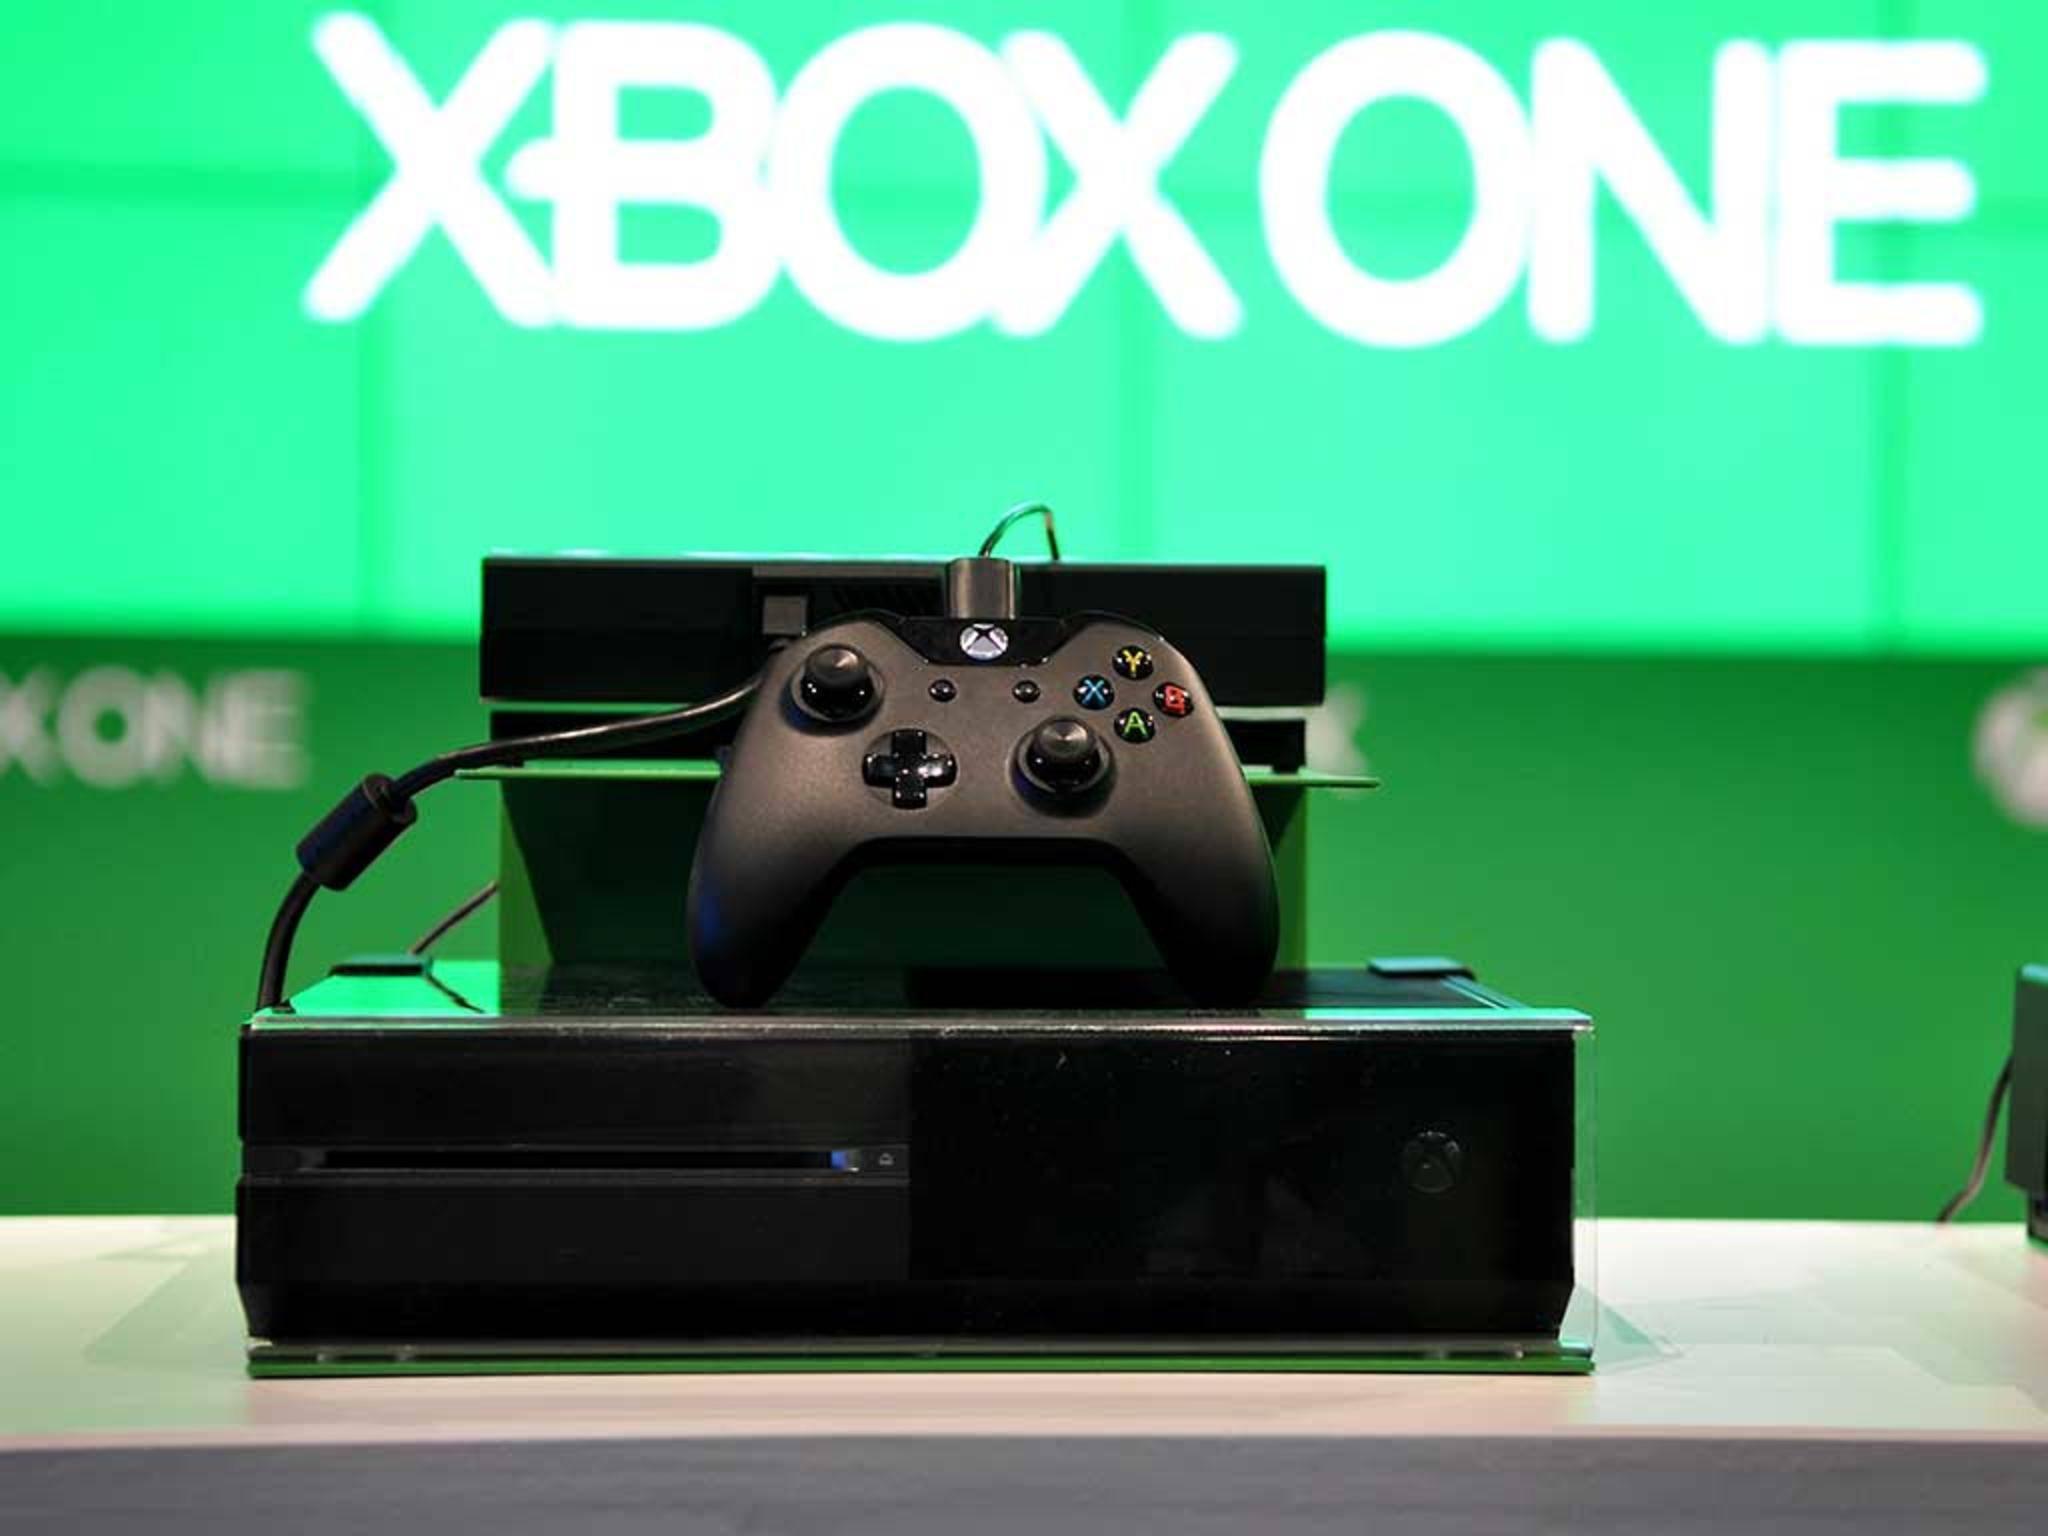 """Die Xbox Onekönnte demnächst eine kleine Schwester """"Slim"""" bekommen."""